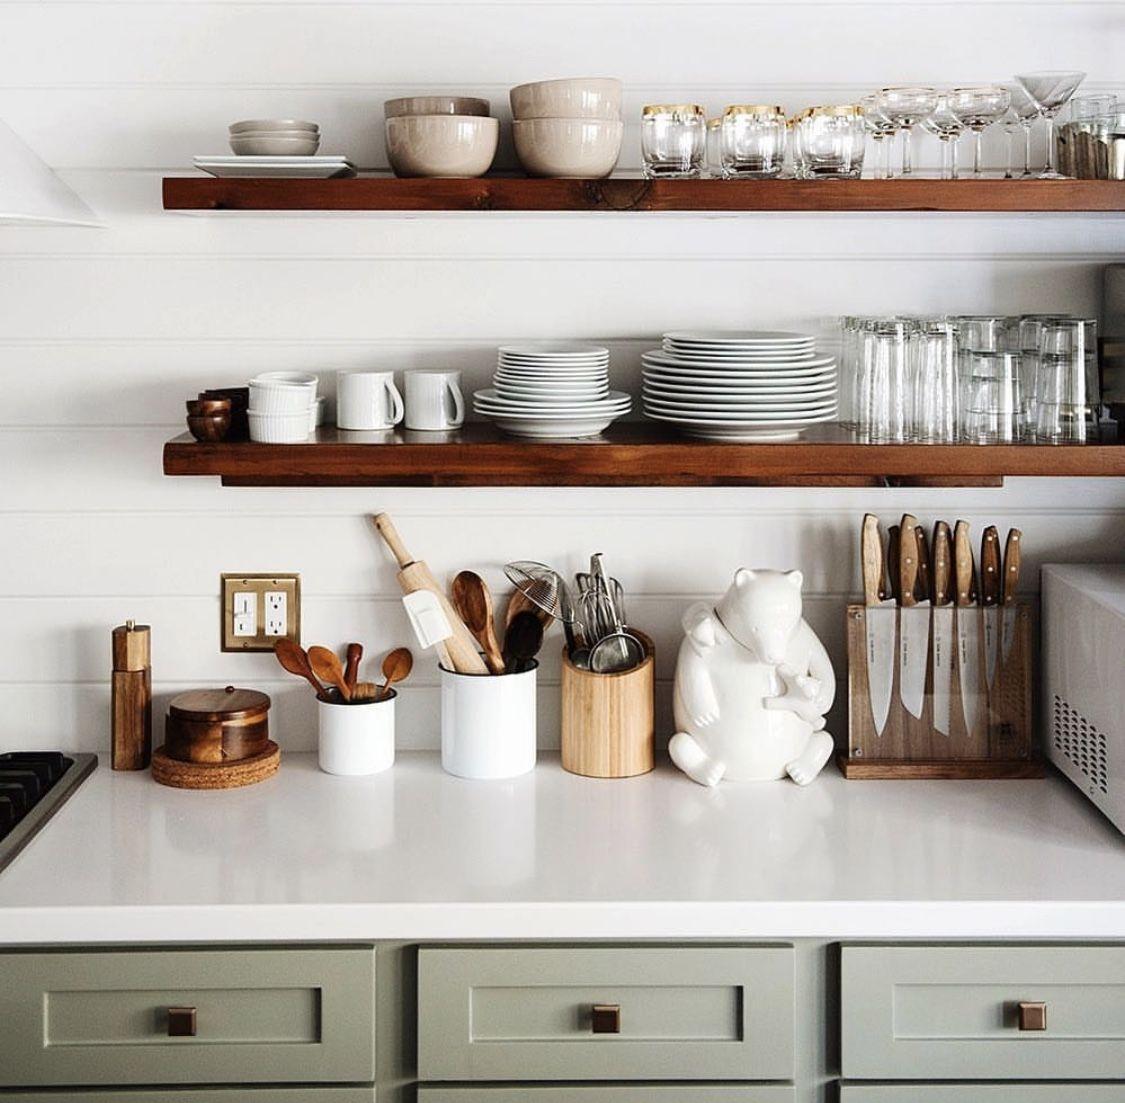 Idée décoration intérieure maison - déco cuisine étagères en bois